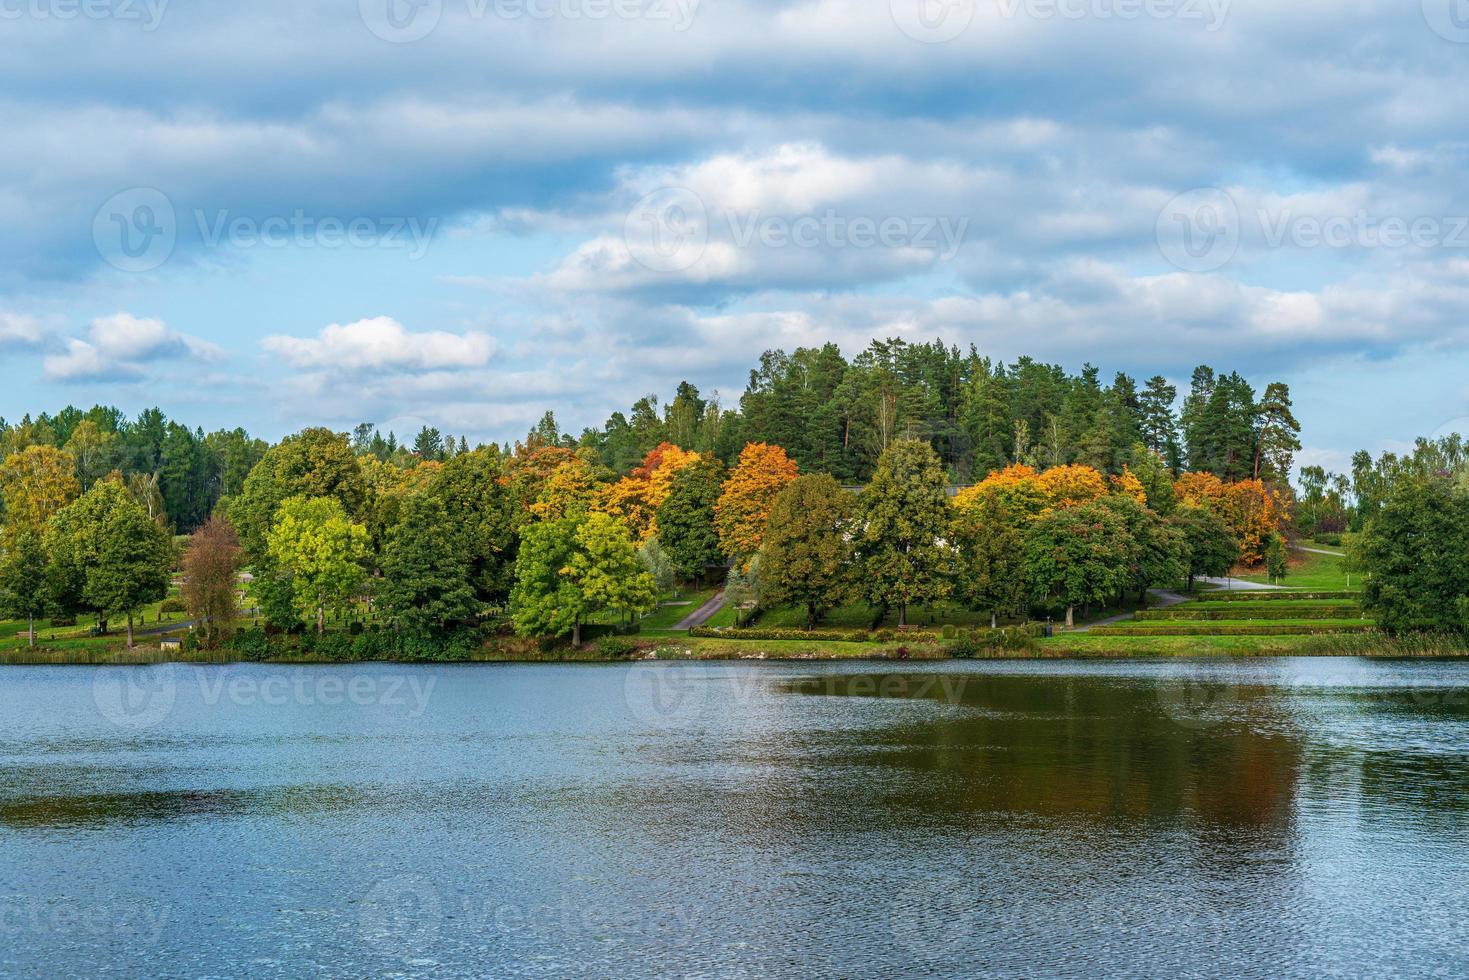 bella vista di un fiume con alberi colorati in autunno foto